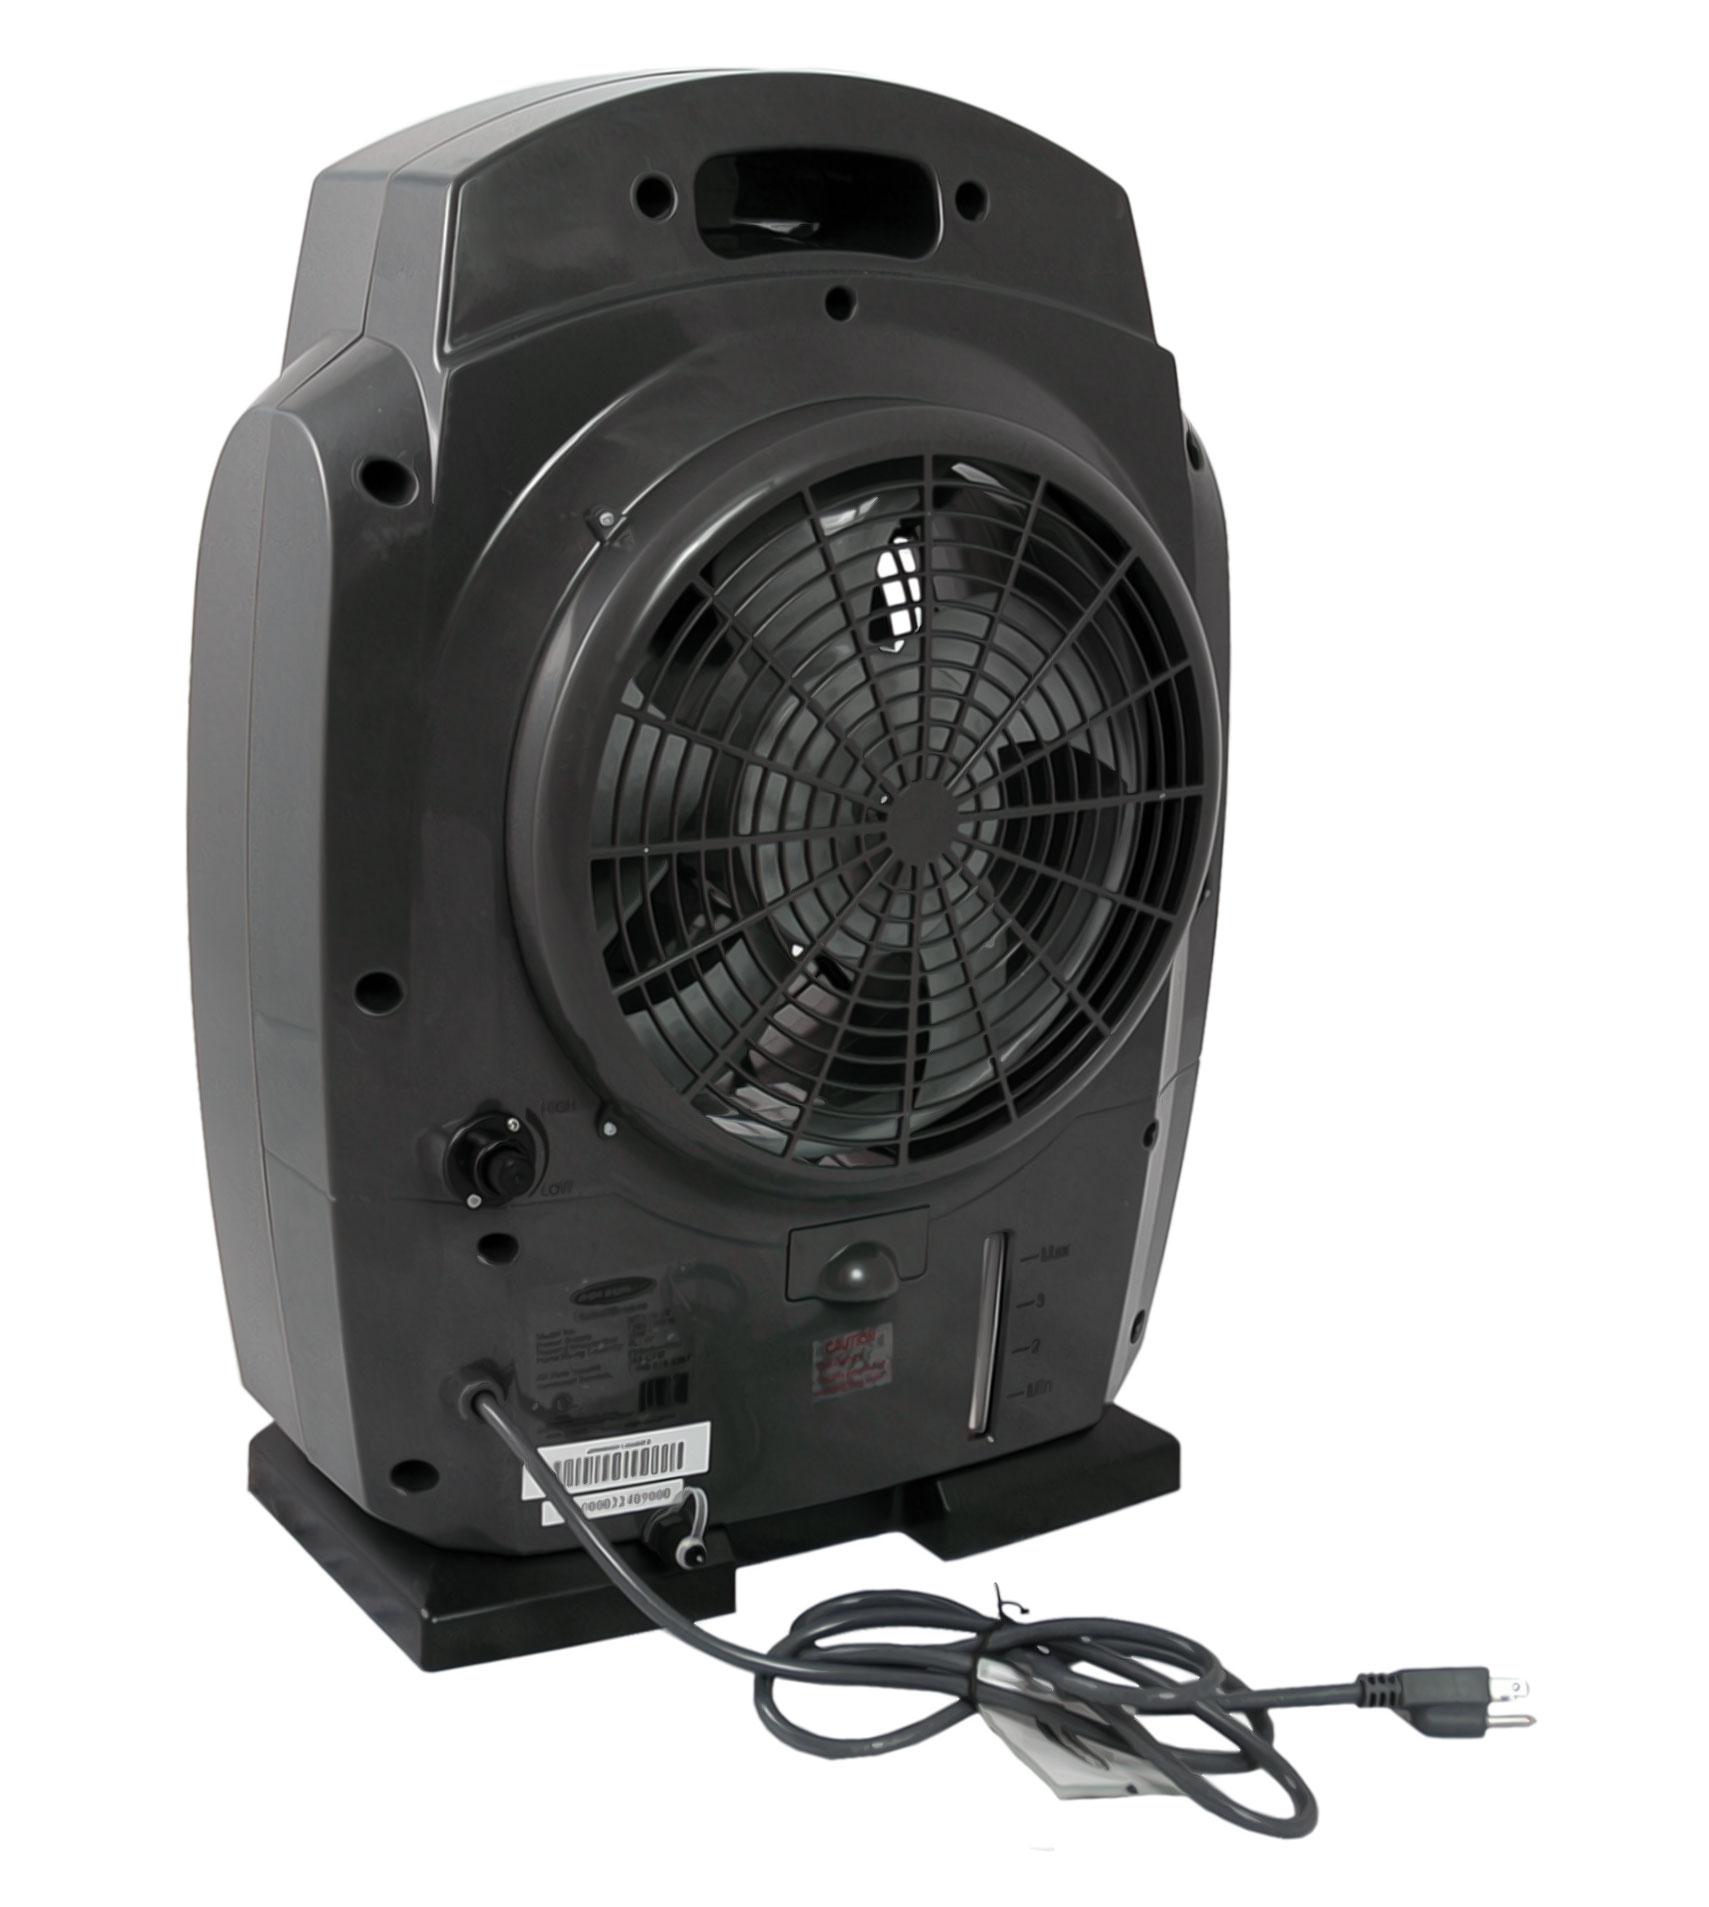 Soleus MT1-19-32 HumidiBreeze Portable Misting Fan - Walmart.com